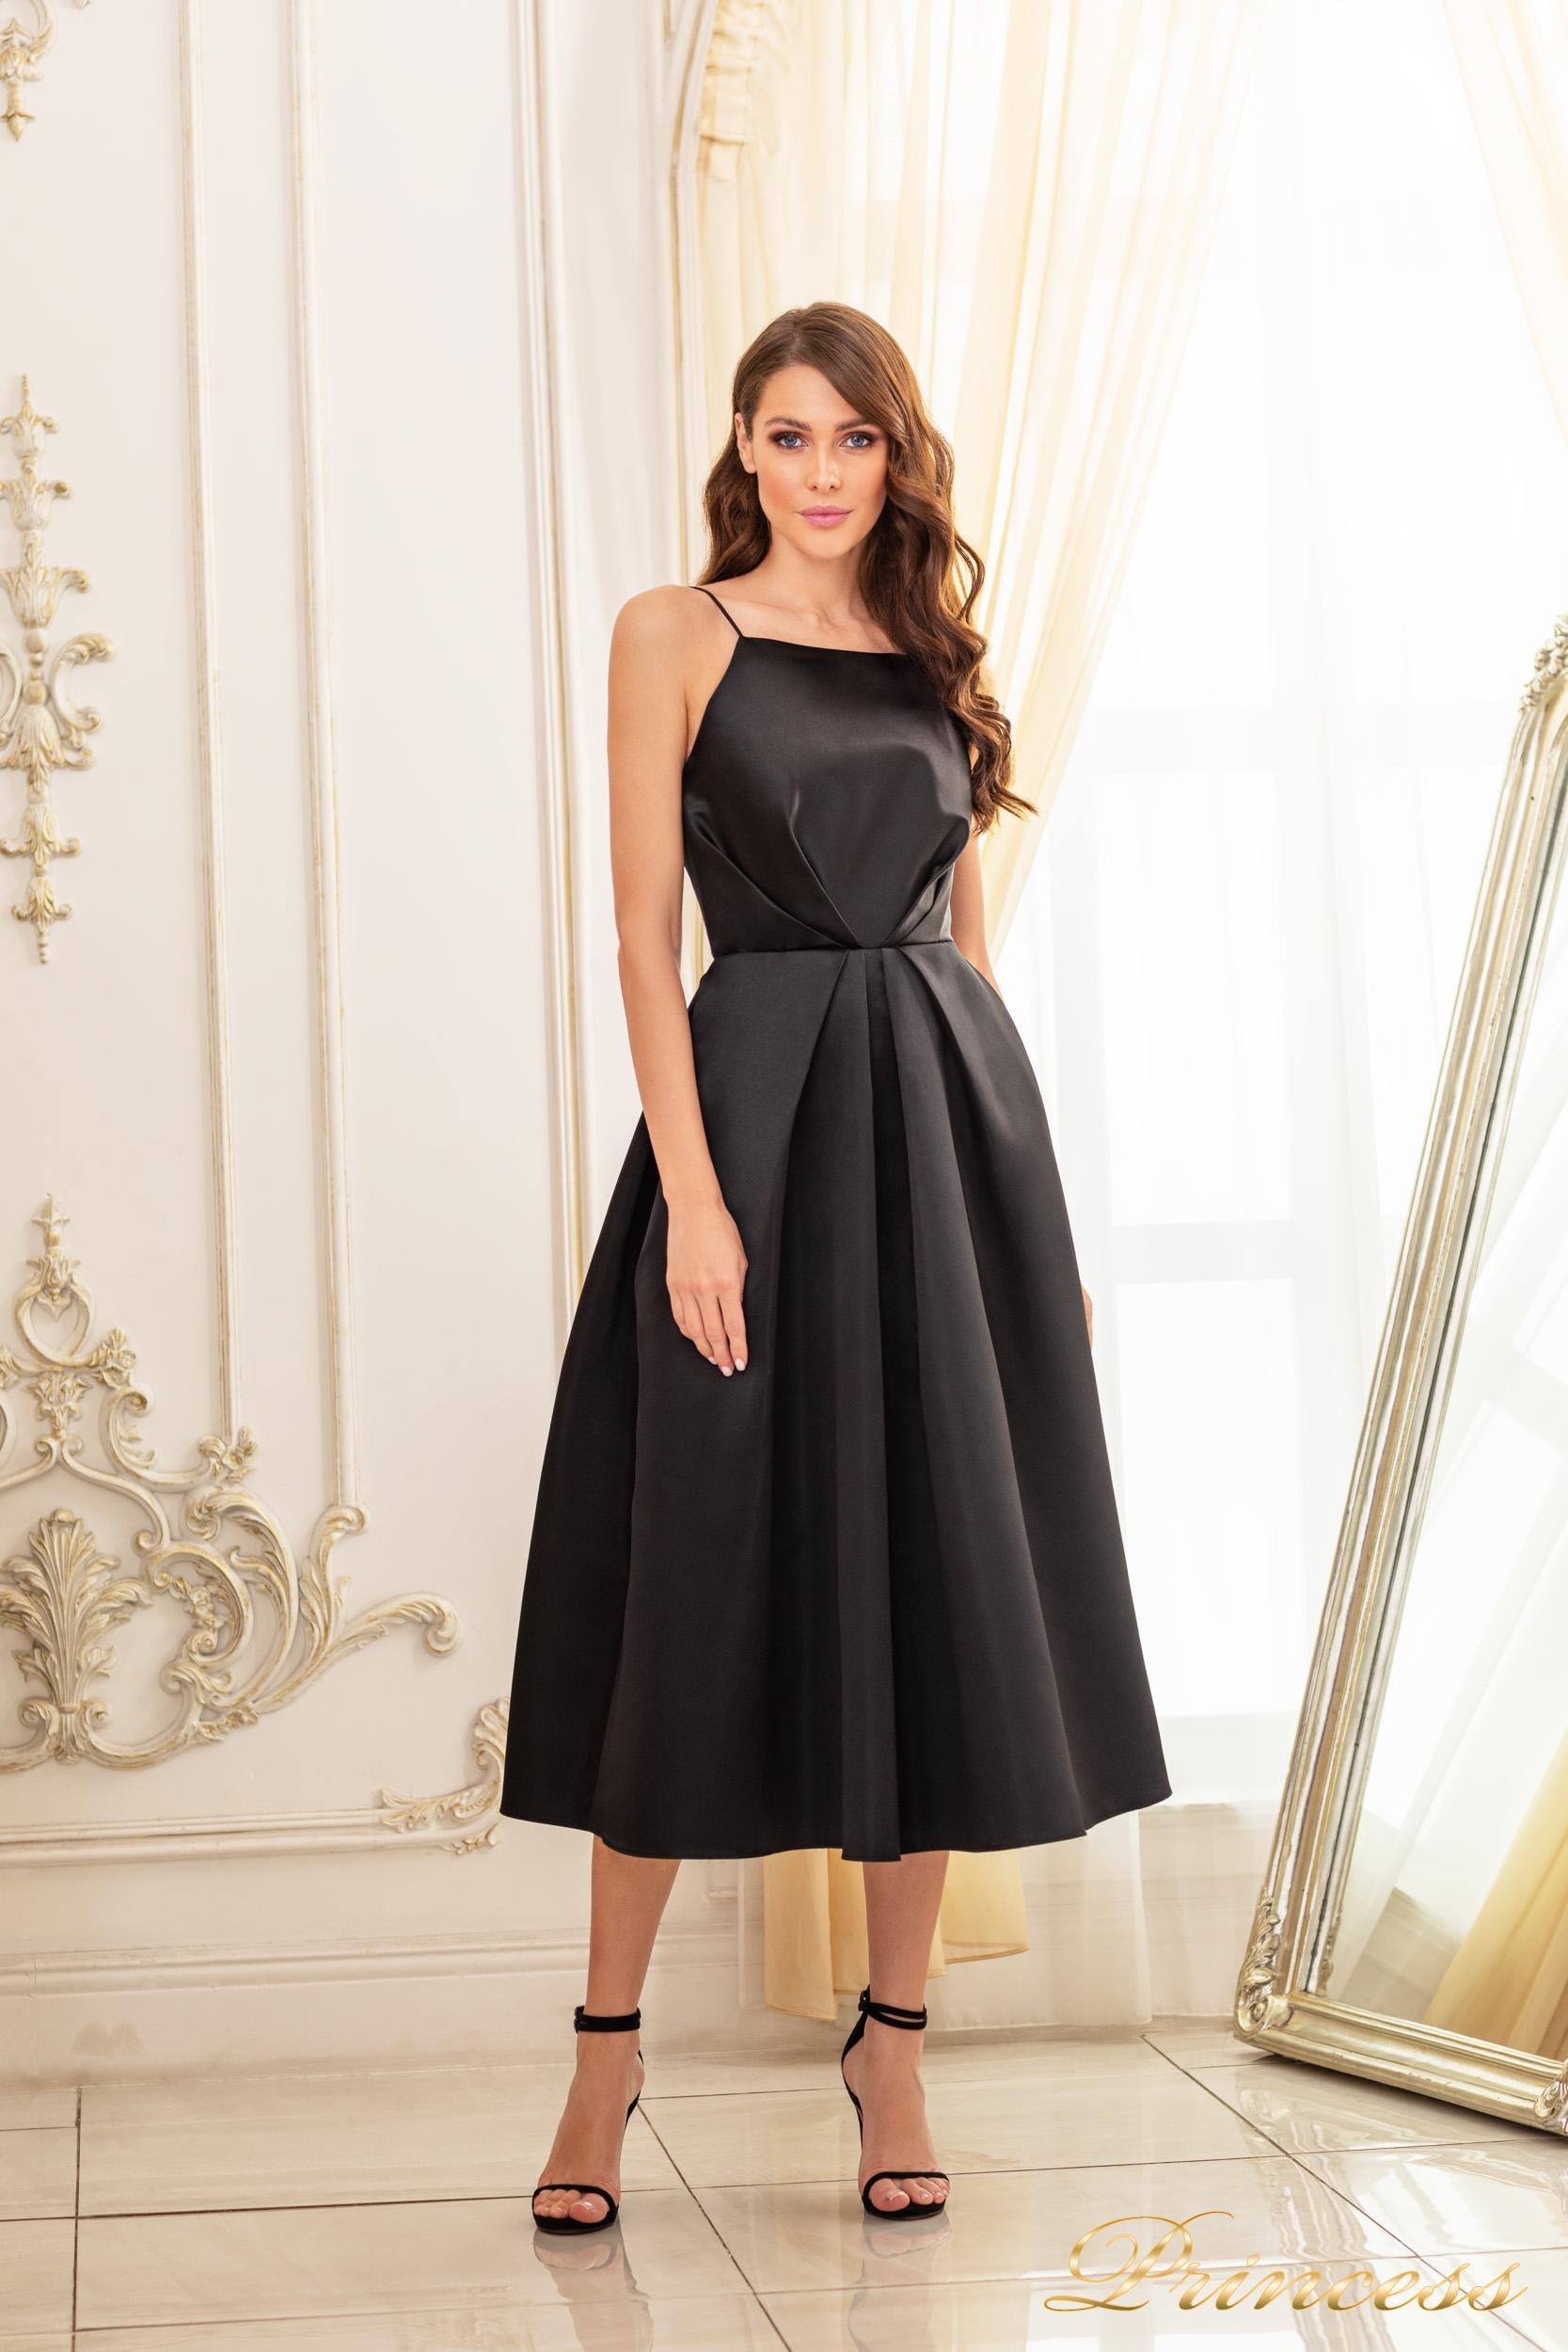 купить платье в волгограде на торжество